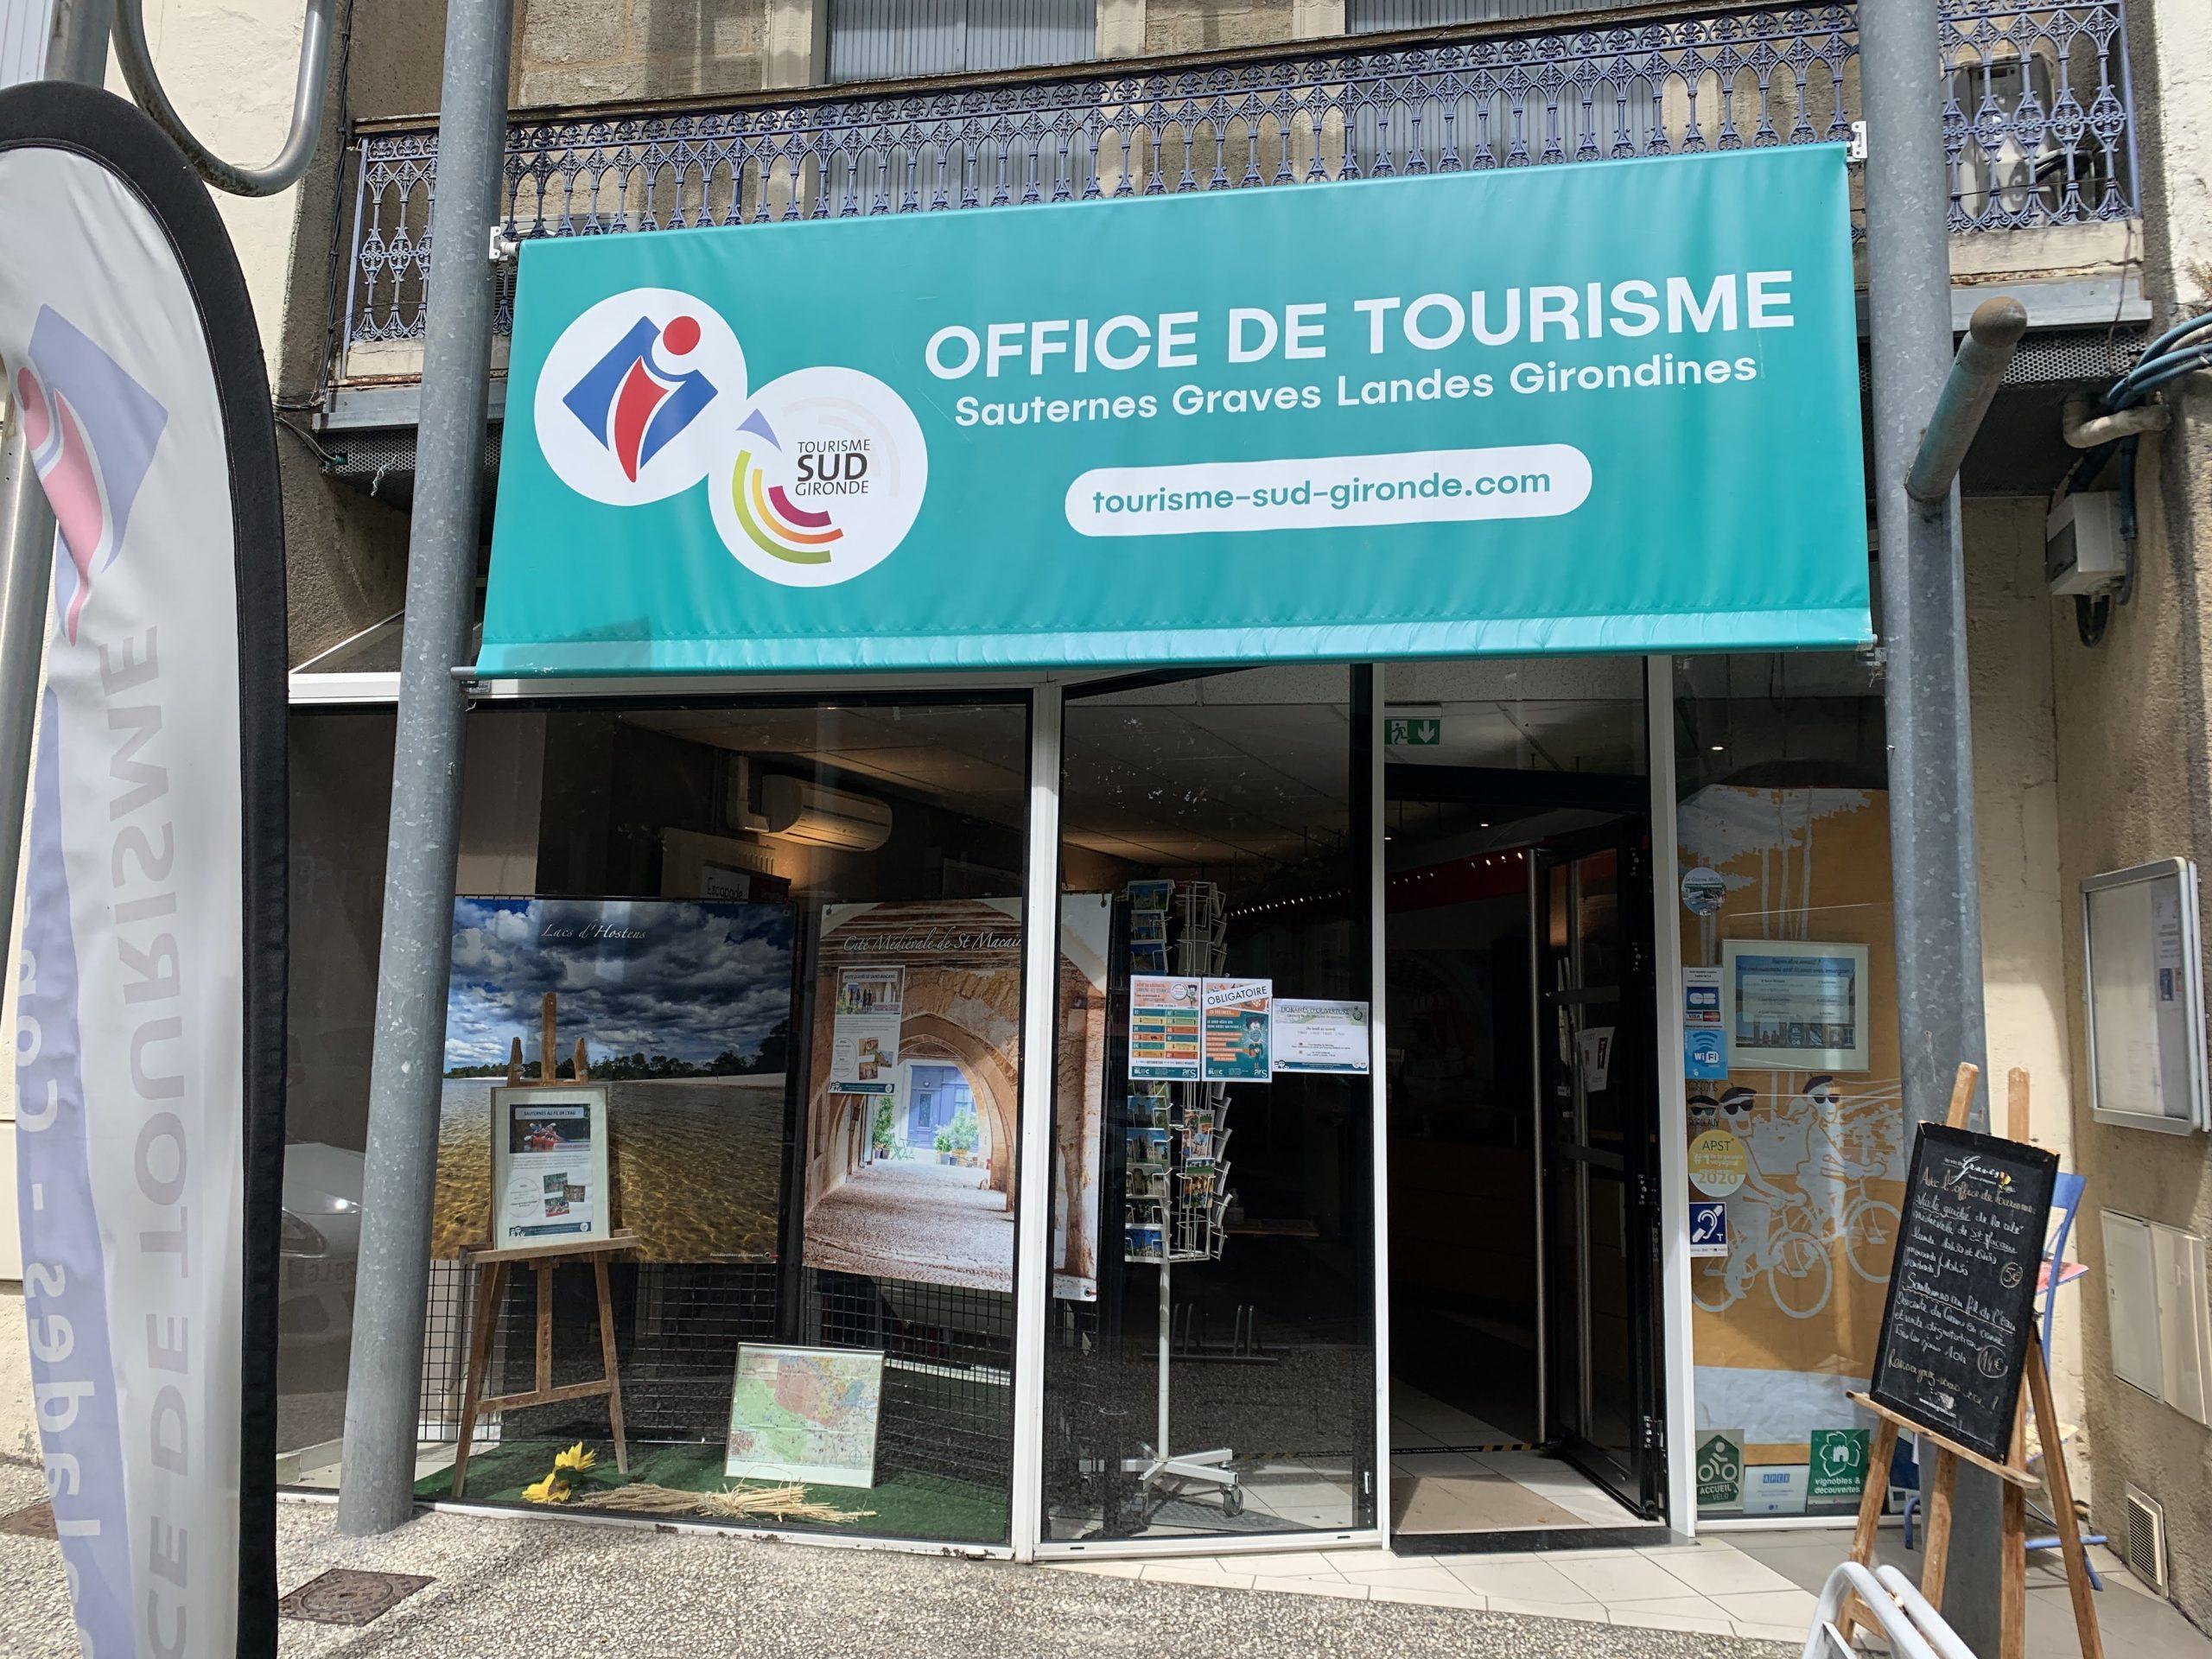 Office de Tourisme Sauternes Graves Landes Girondines – BIT de Langon